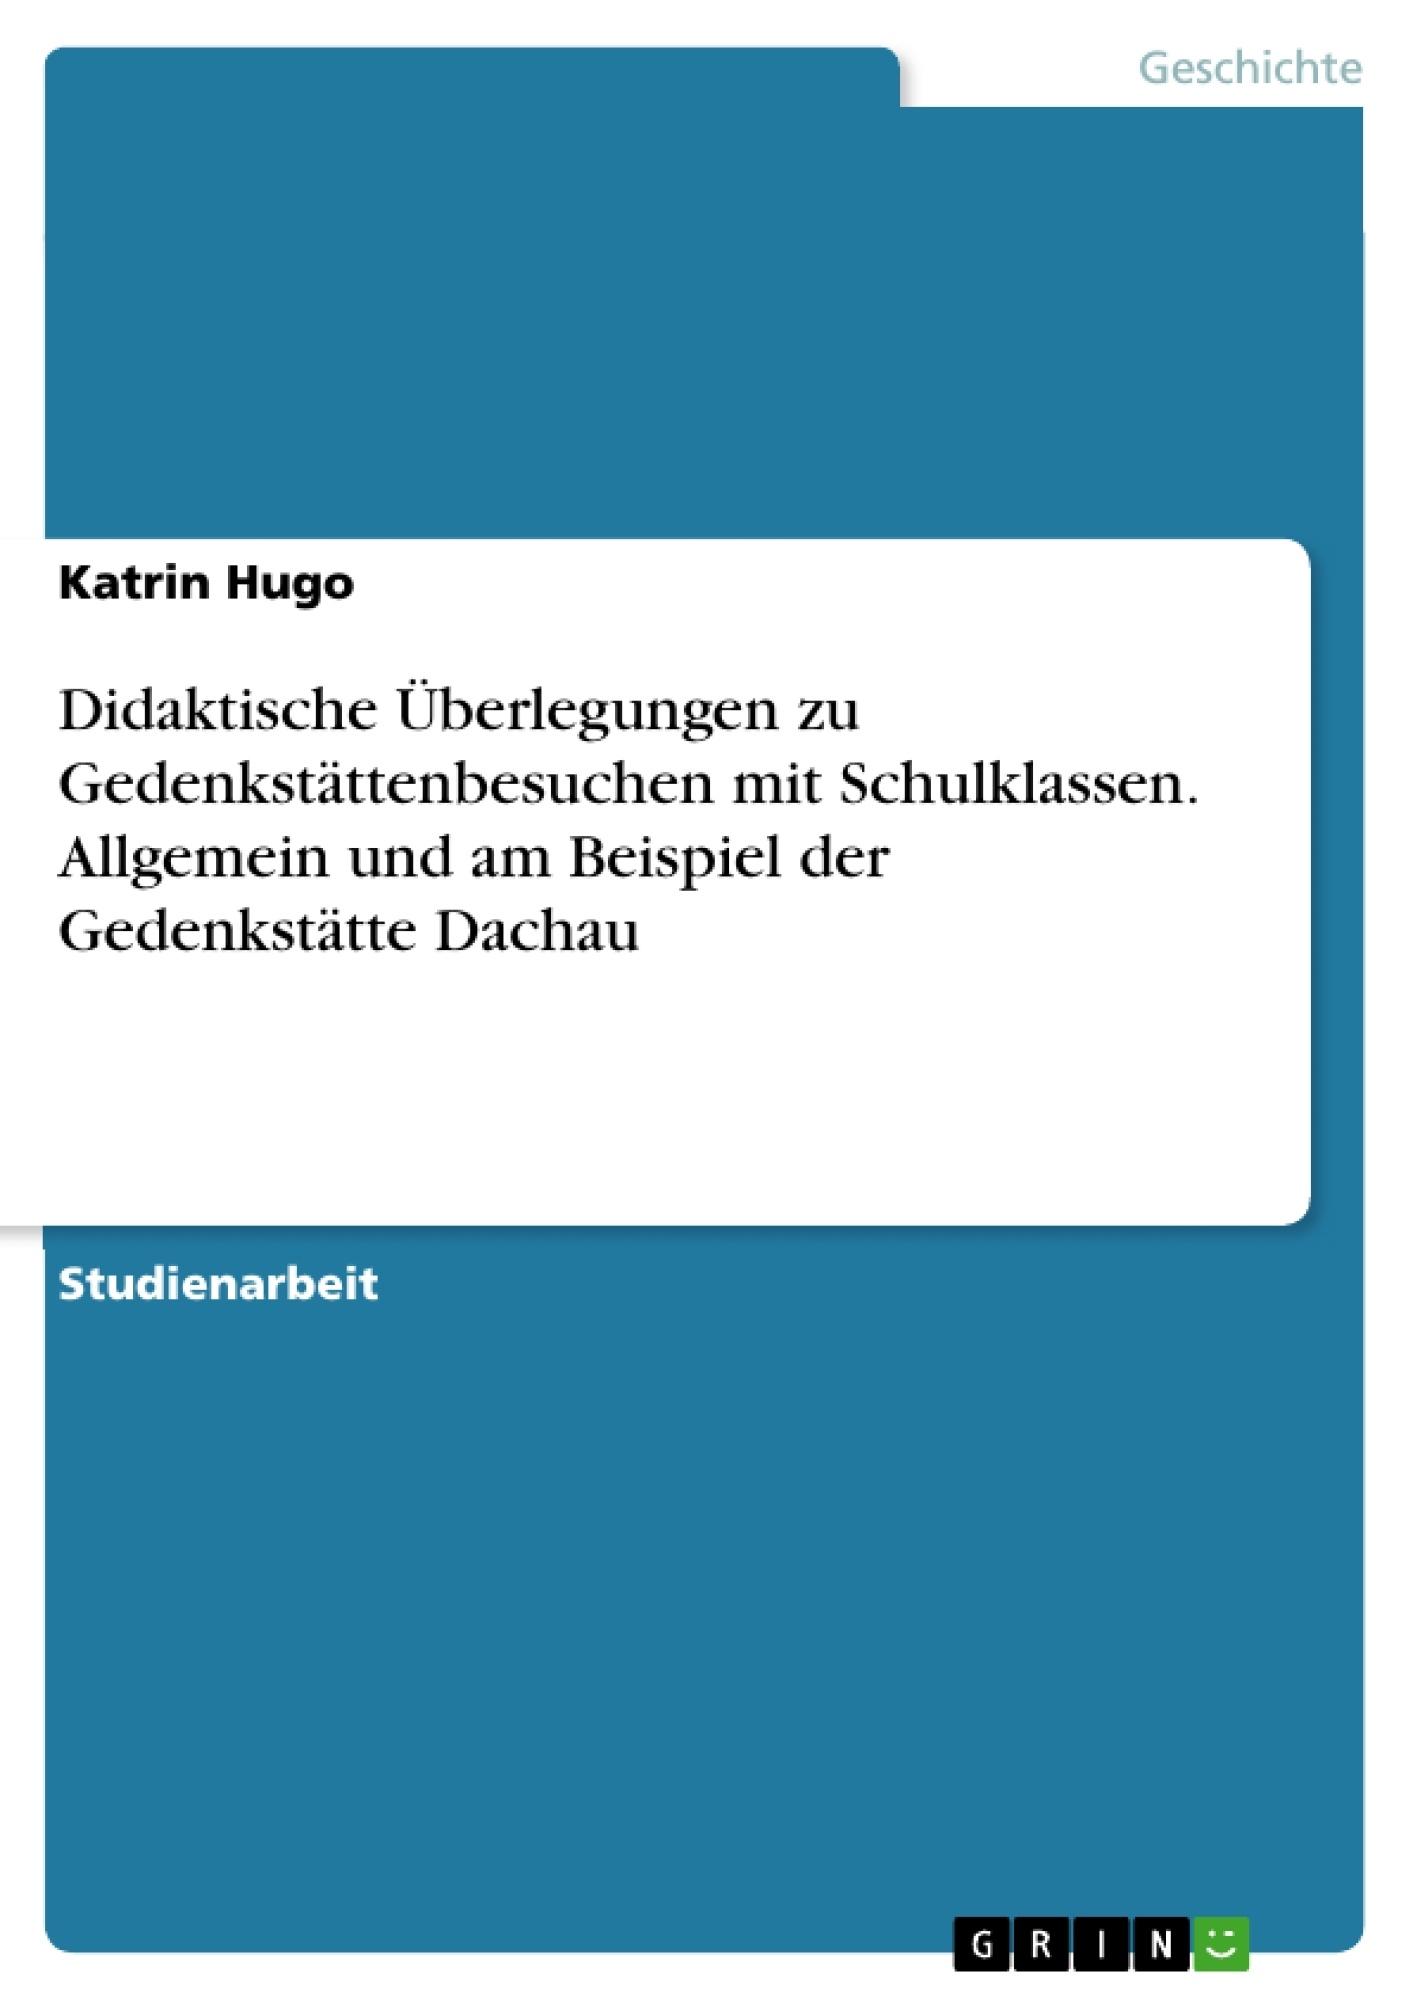 Titel: Didaktische Überlegungen zu Gedenkstättenbesuchen mit Schulklassen. Allgemein und am Beispiel der Gedenkstätte Dachau